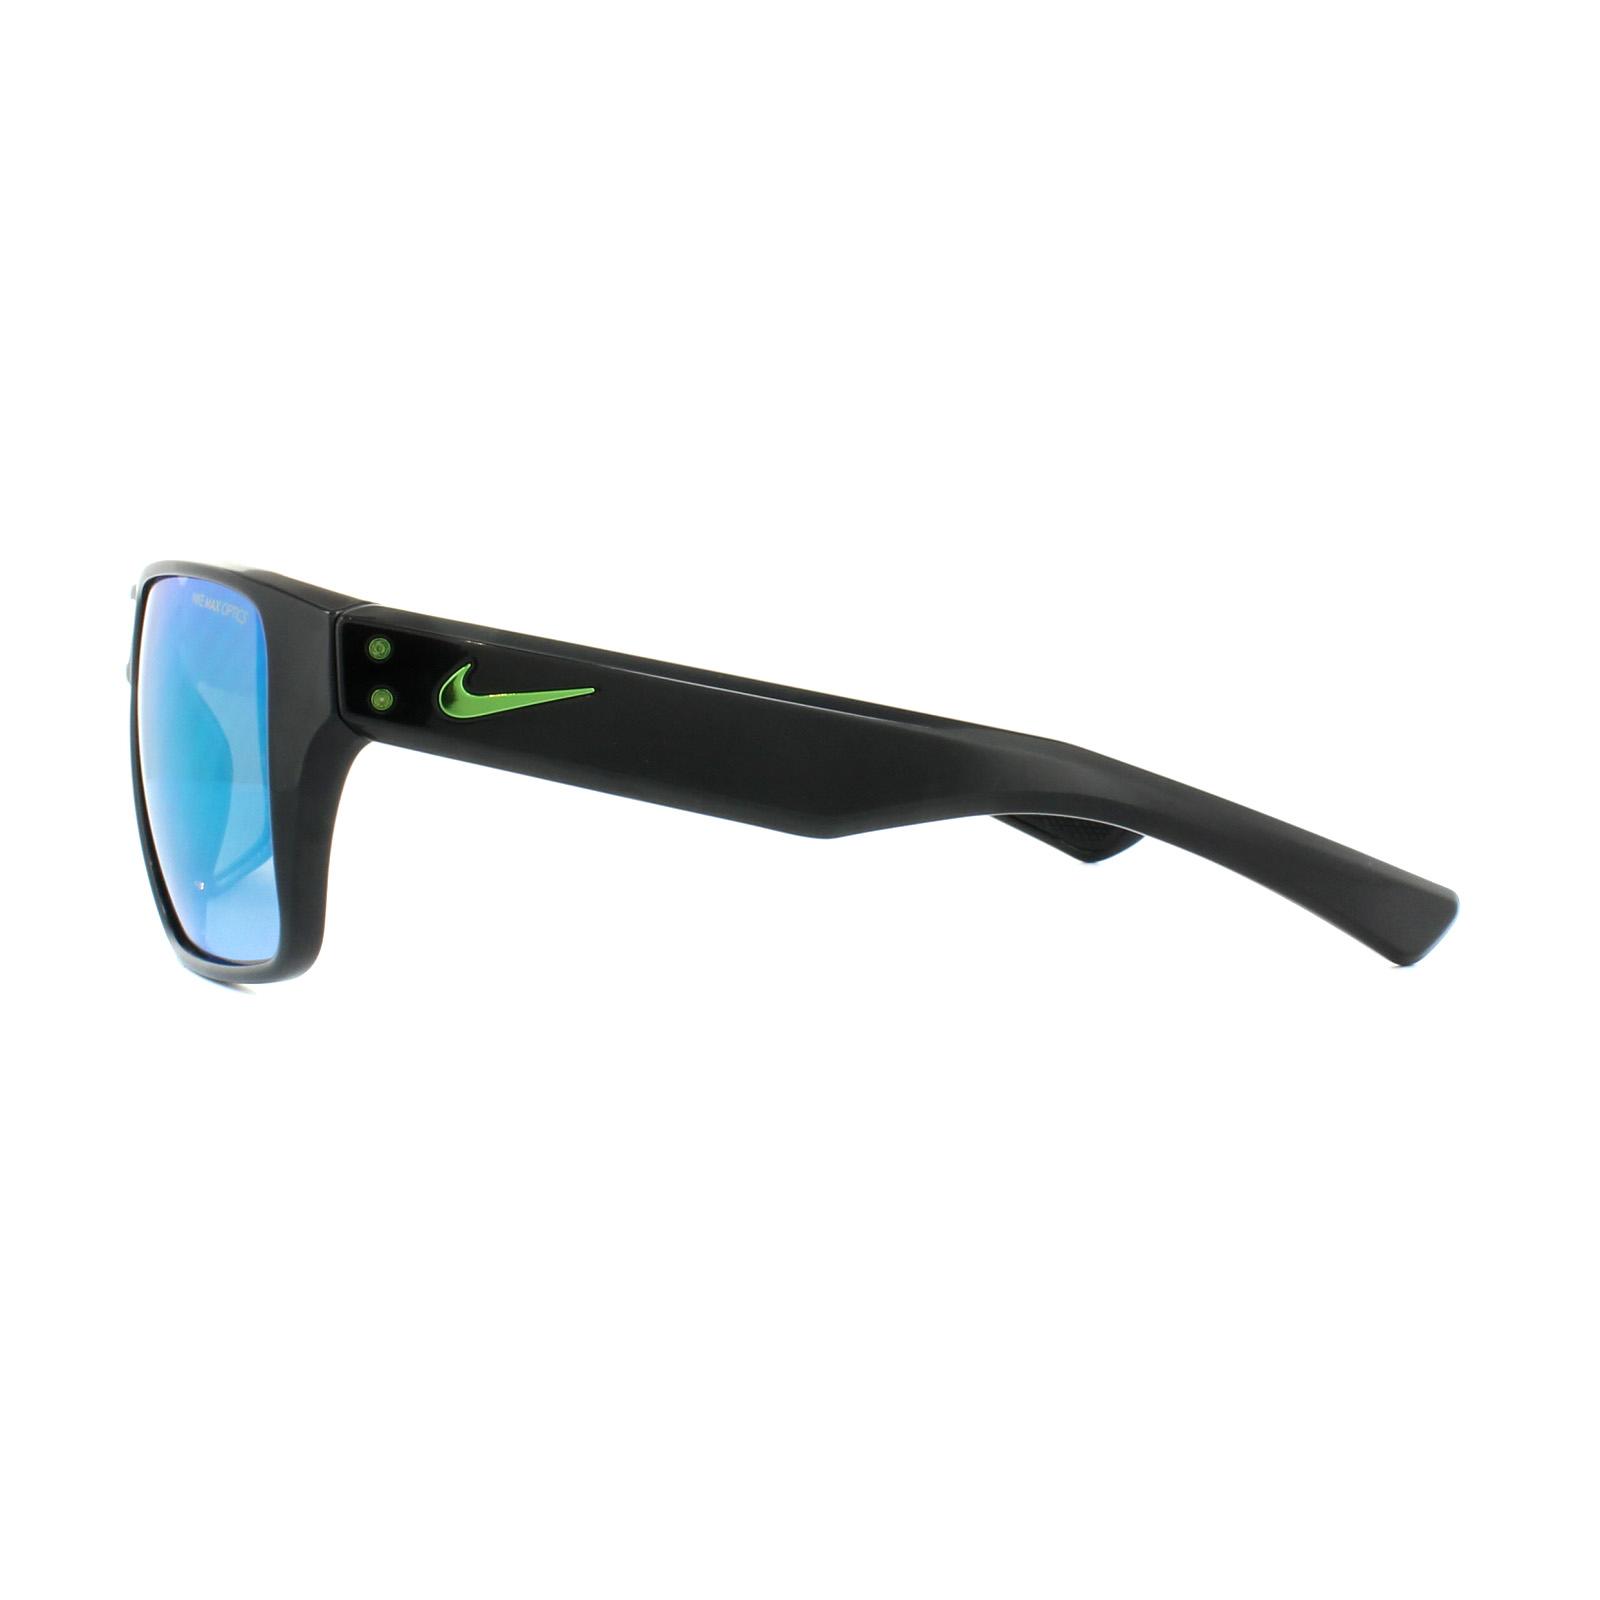 CENTINELA Nike gafas de sol cargador R EV0764 espejo Flash verde negro  brillante 030 118495dd3159